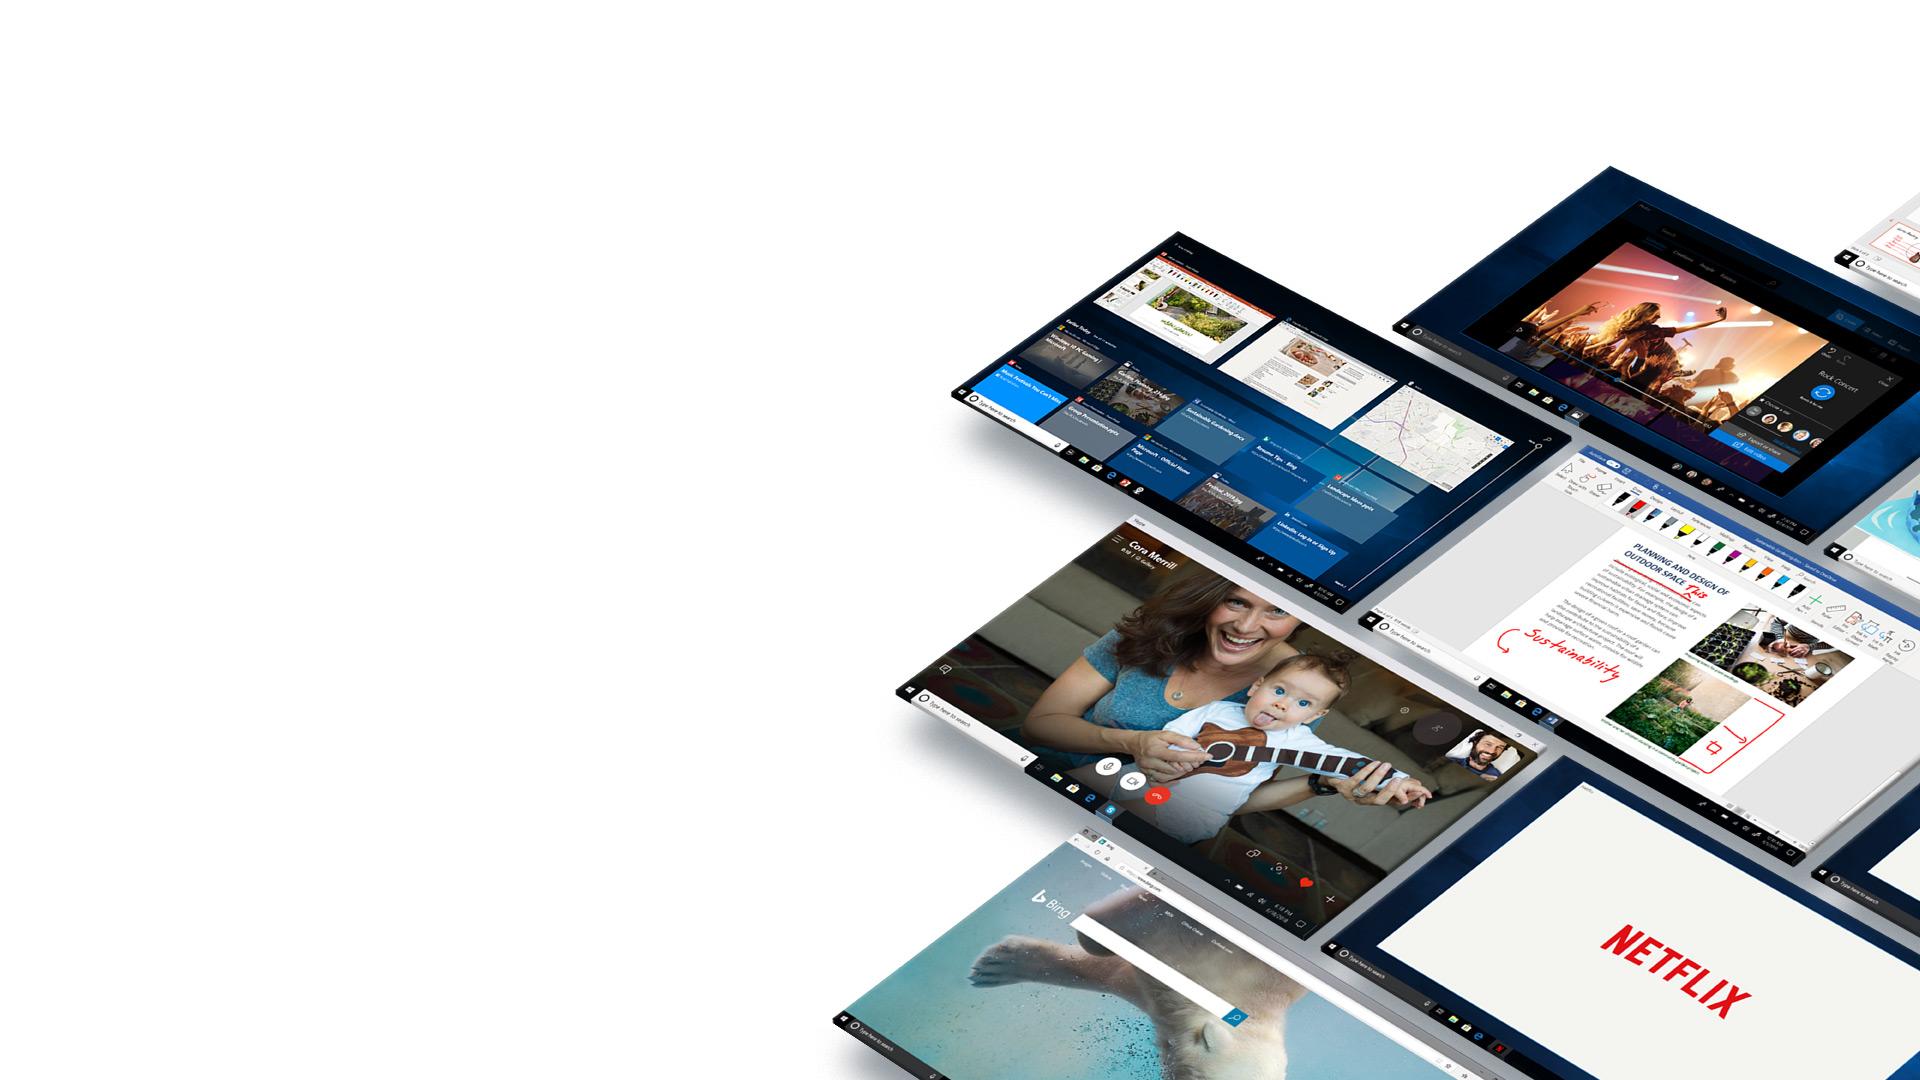 Um mosaico de ecrãs do Windows 10 com diversas aplicações e programas abertos